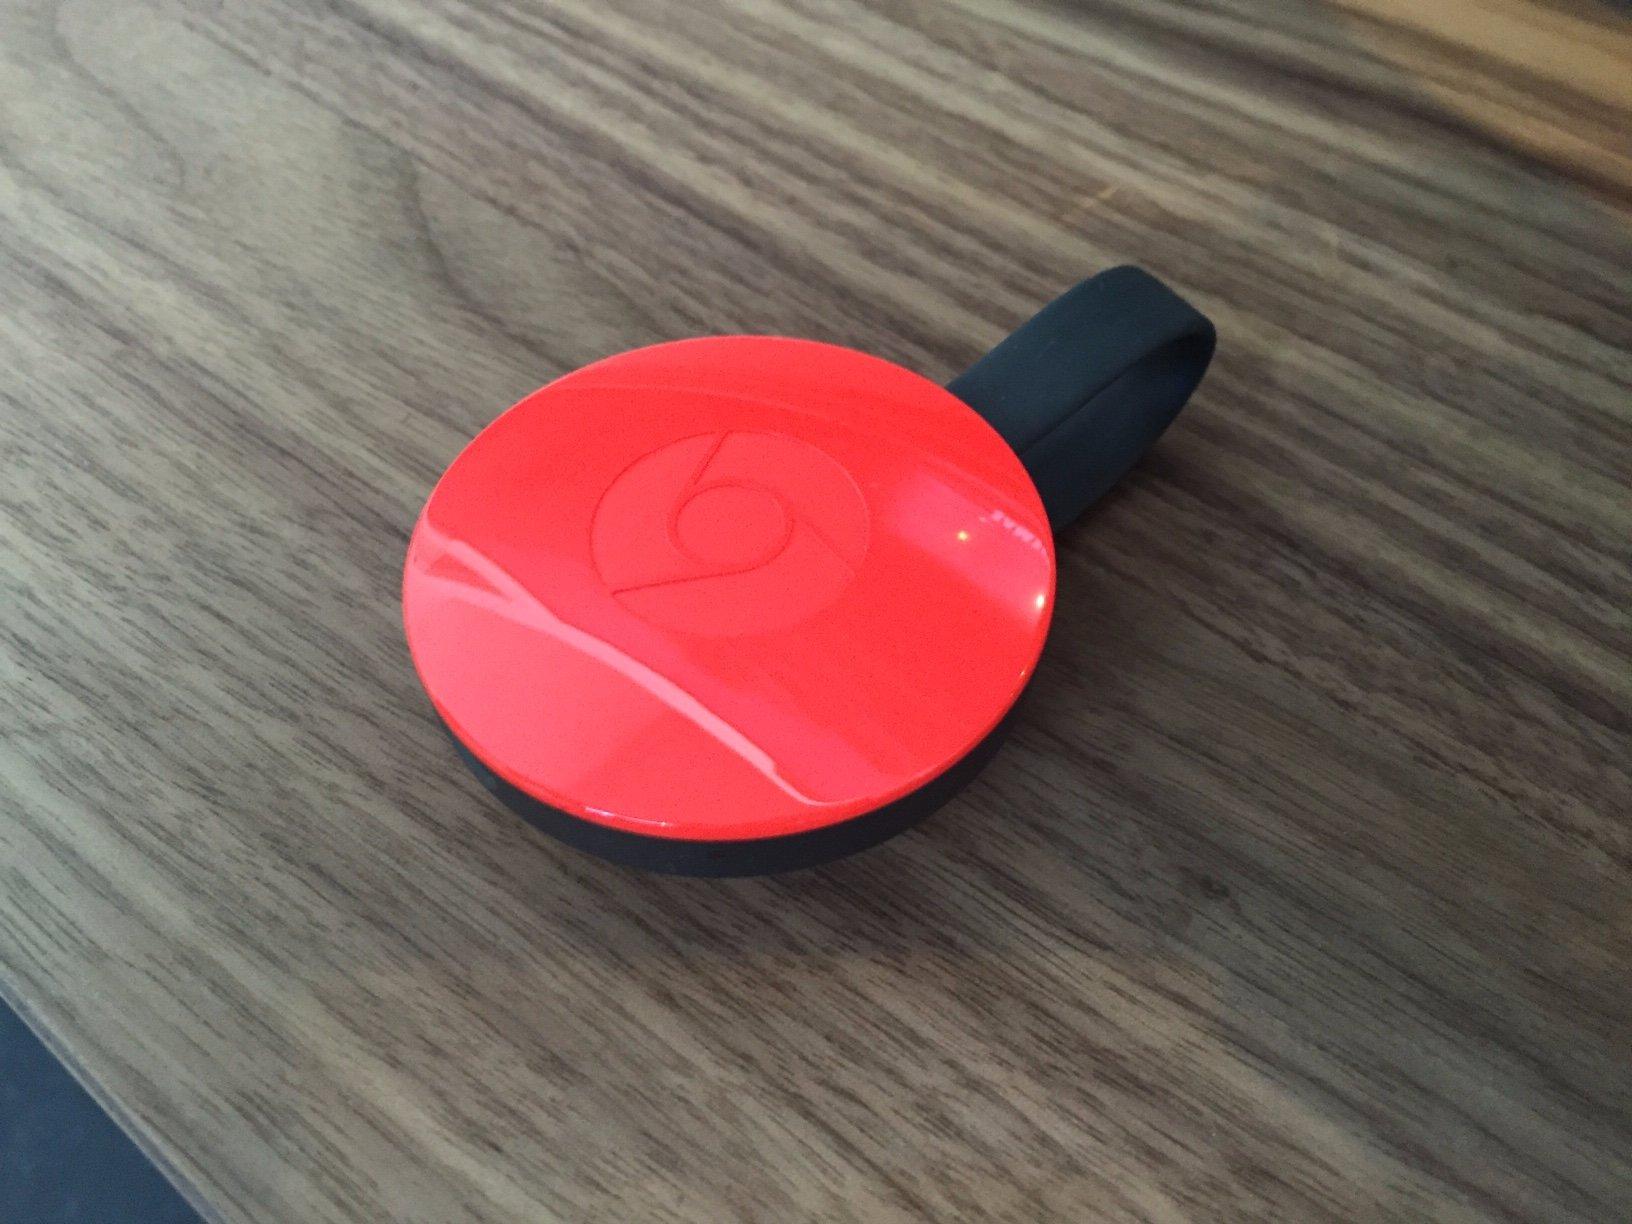 red chromecast